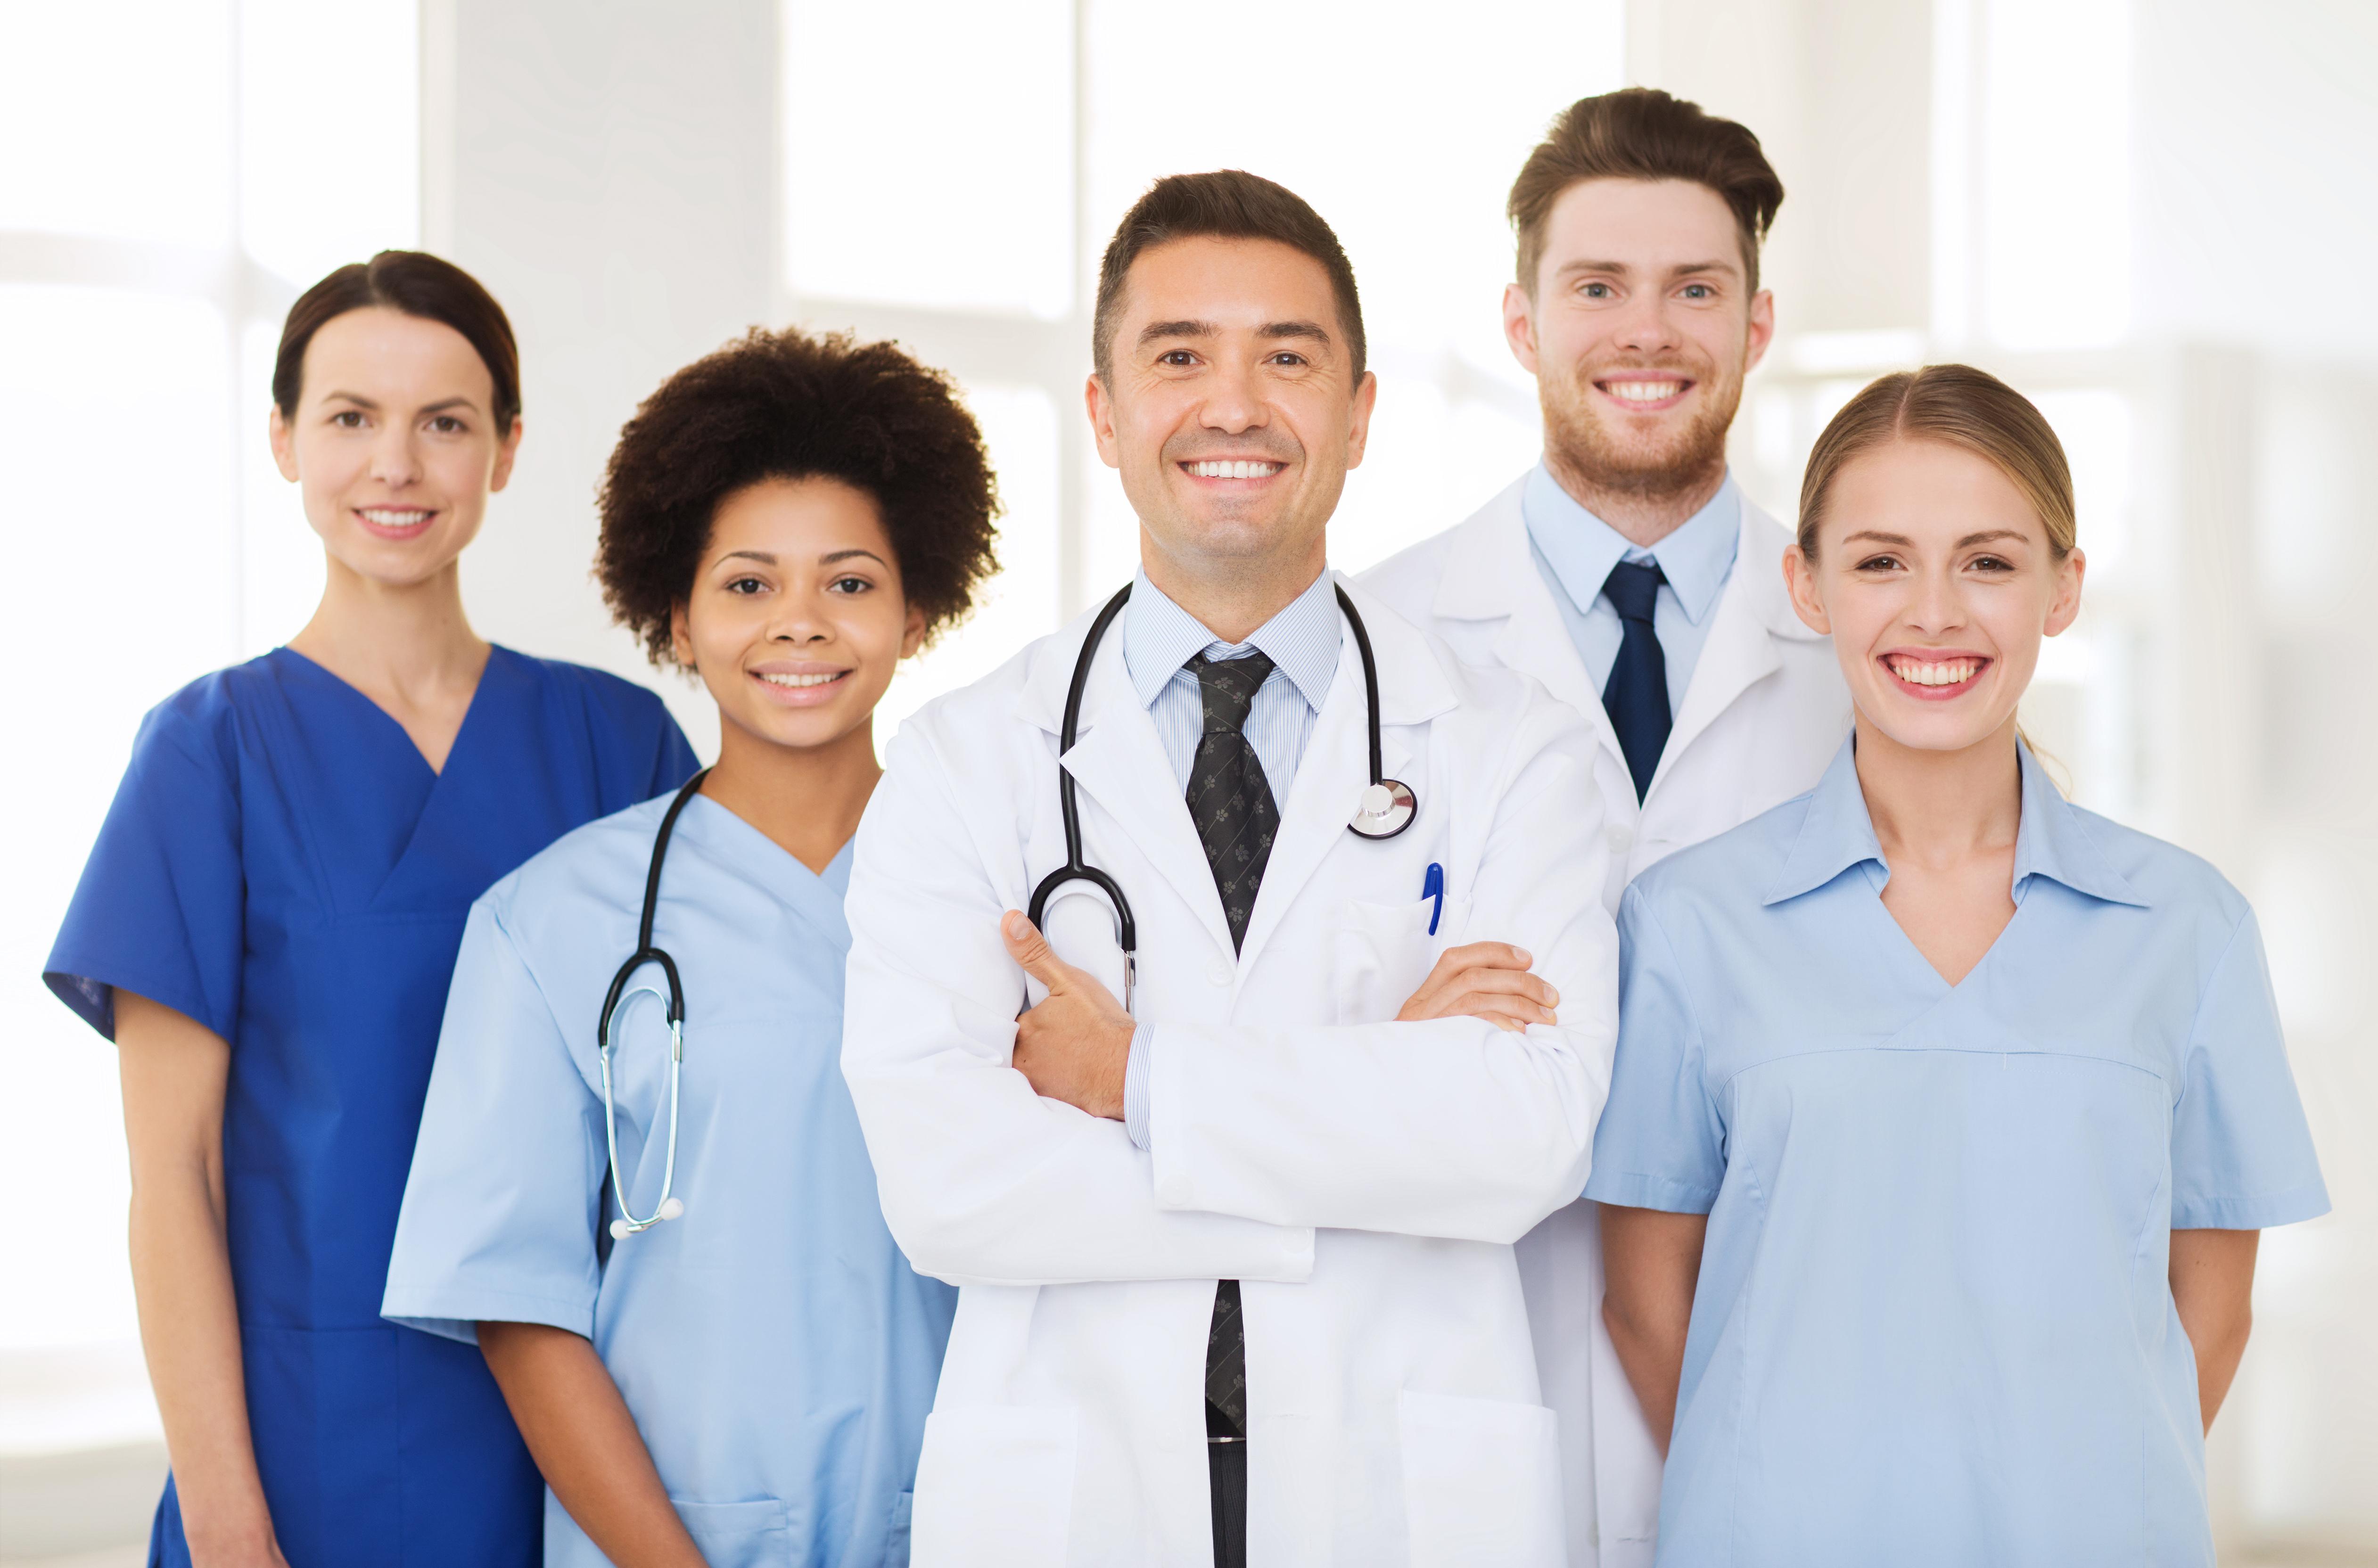 grupo de medicos e enfermeiros_novo